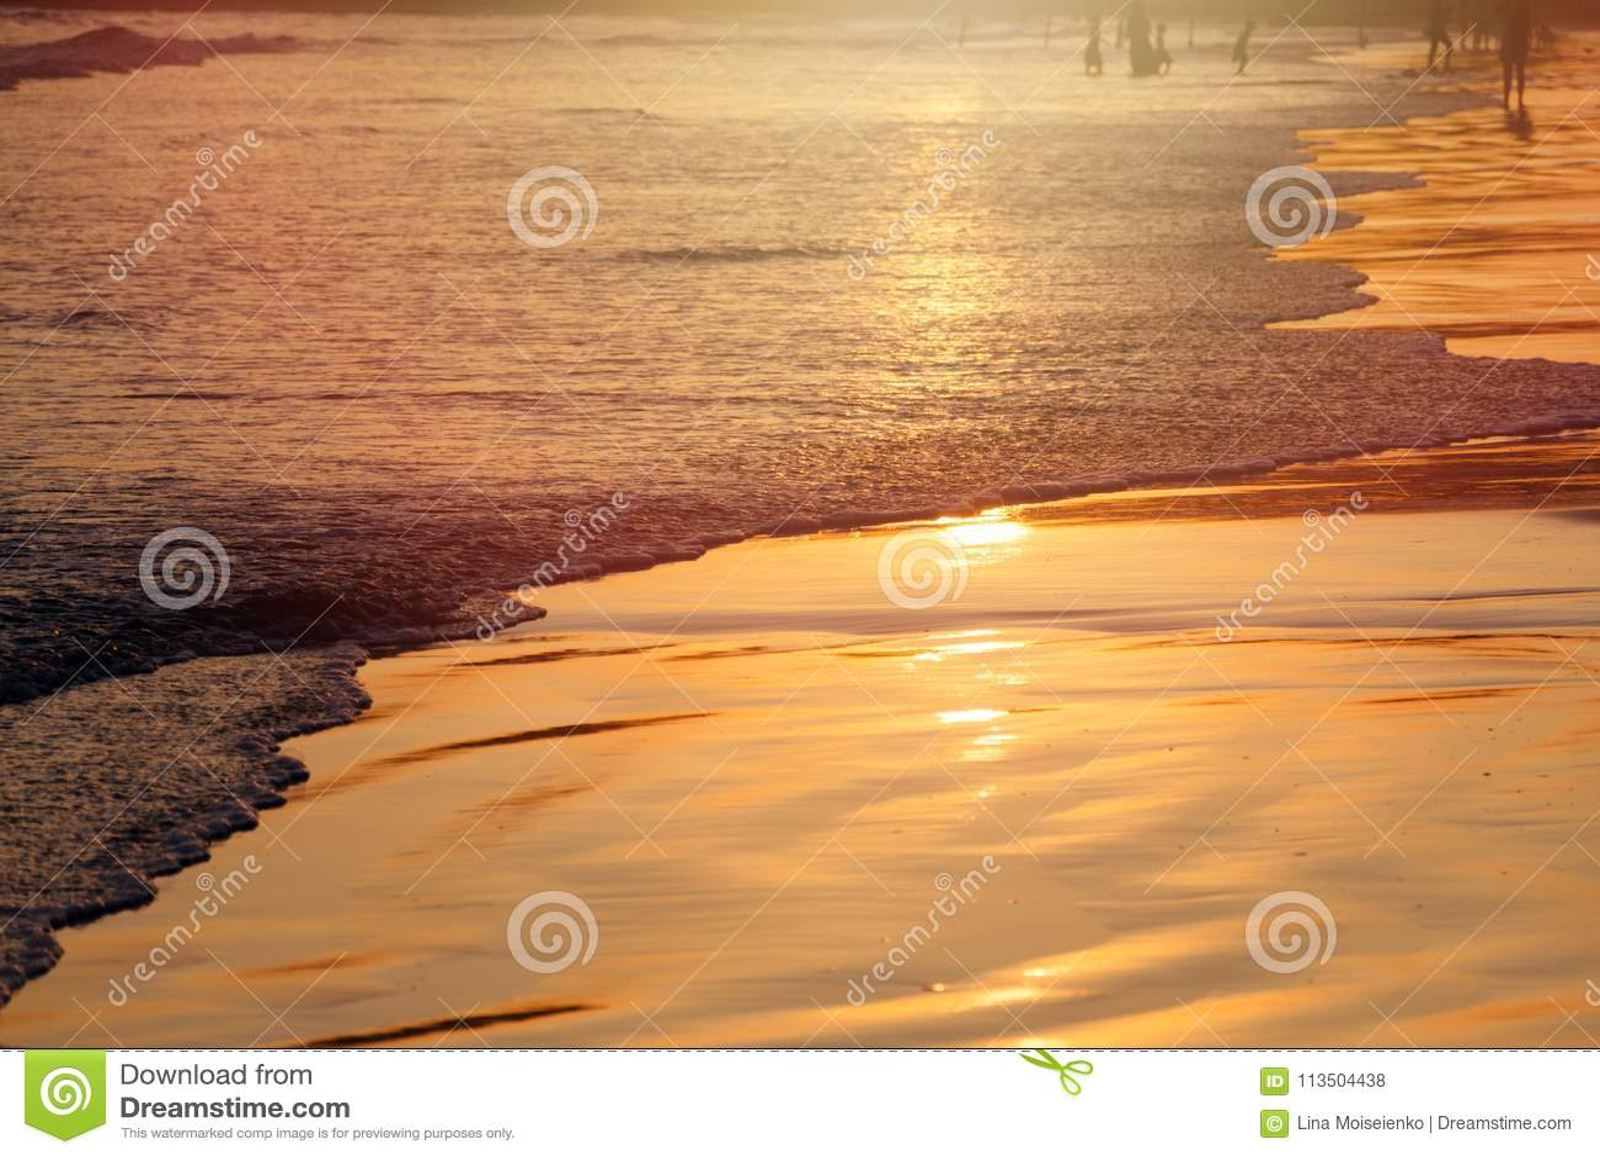 Solnedgång på den tropiska stranden i Sri Lanka - guld- färg vinkar havsvatten, kontur av folk på bakgrund